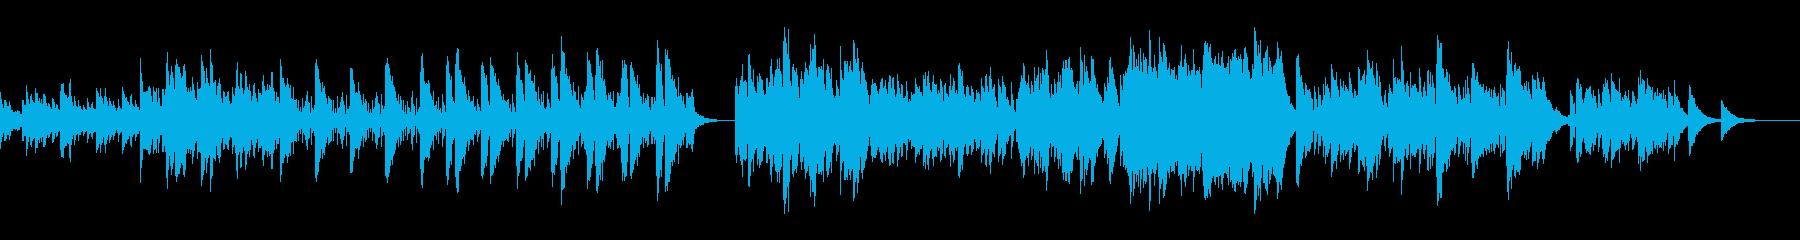 氷の迷宮をさまようピアノのヒップホップの再生済みの波形